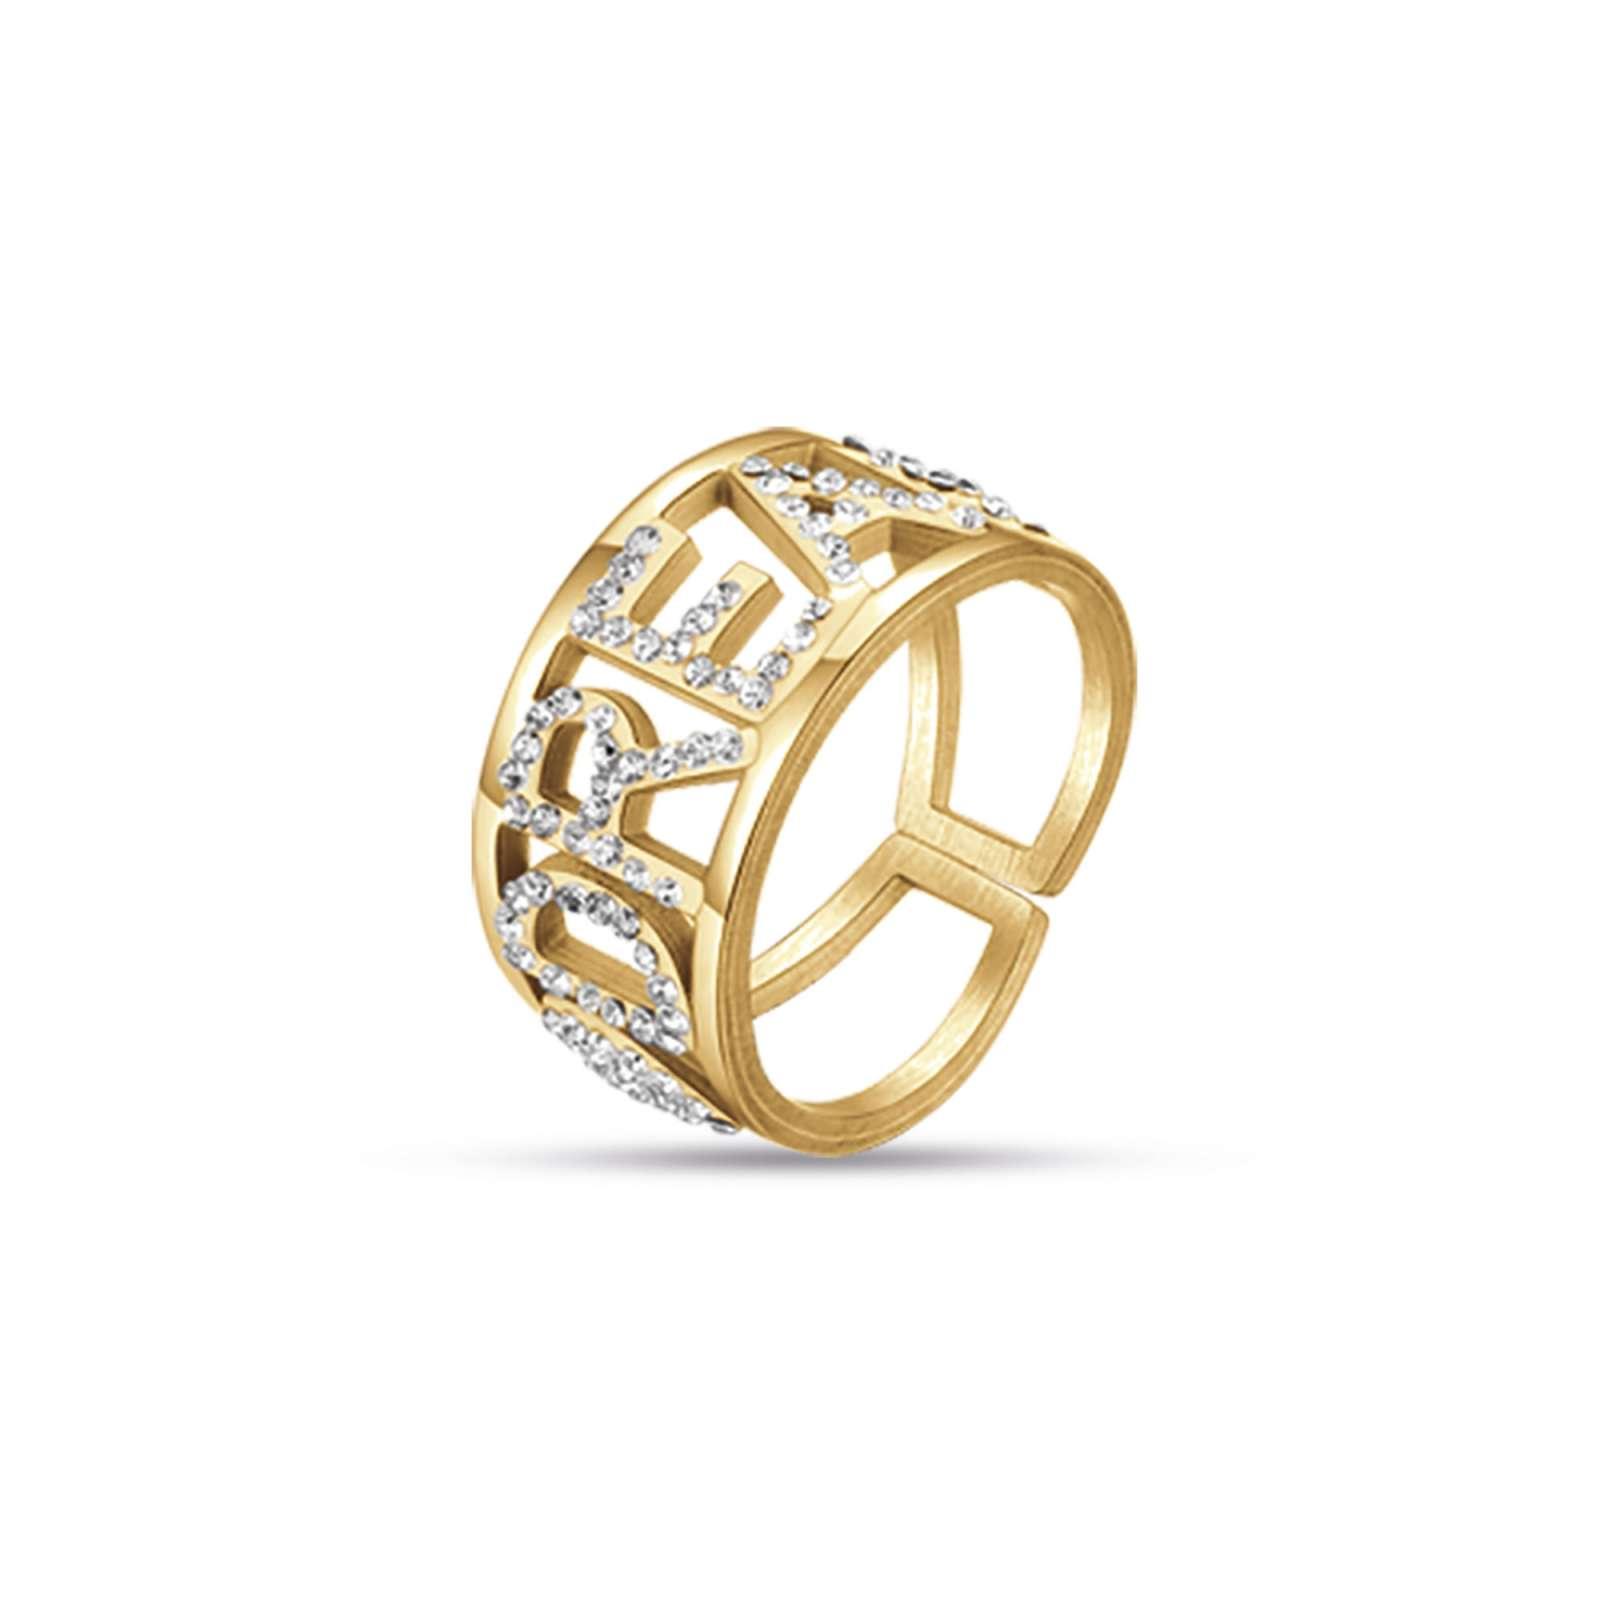 Luca Barra - Anello in acciaio ip gold  dream con cristalli bianchi